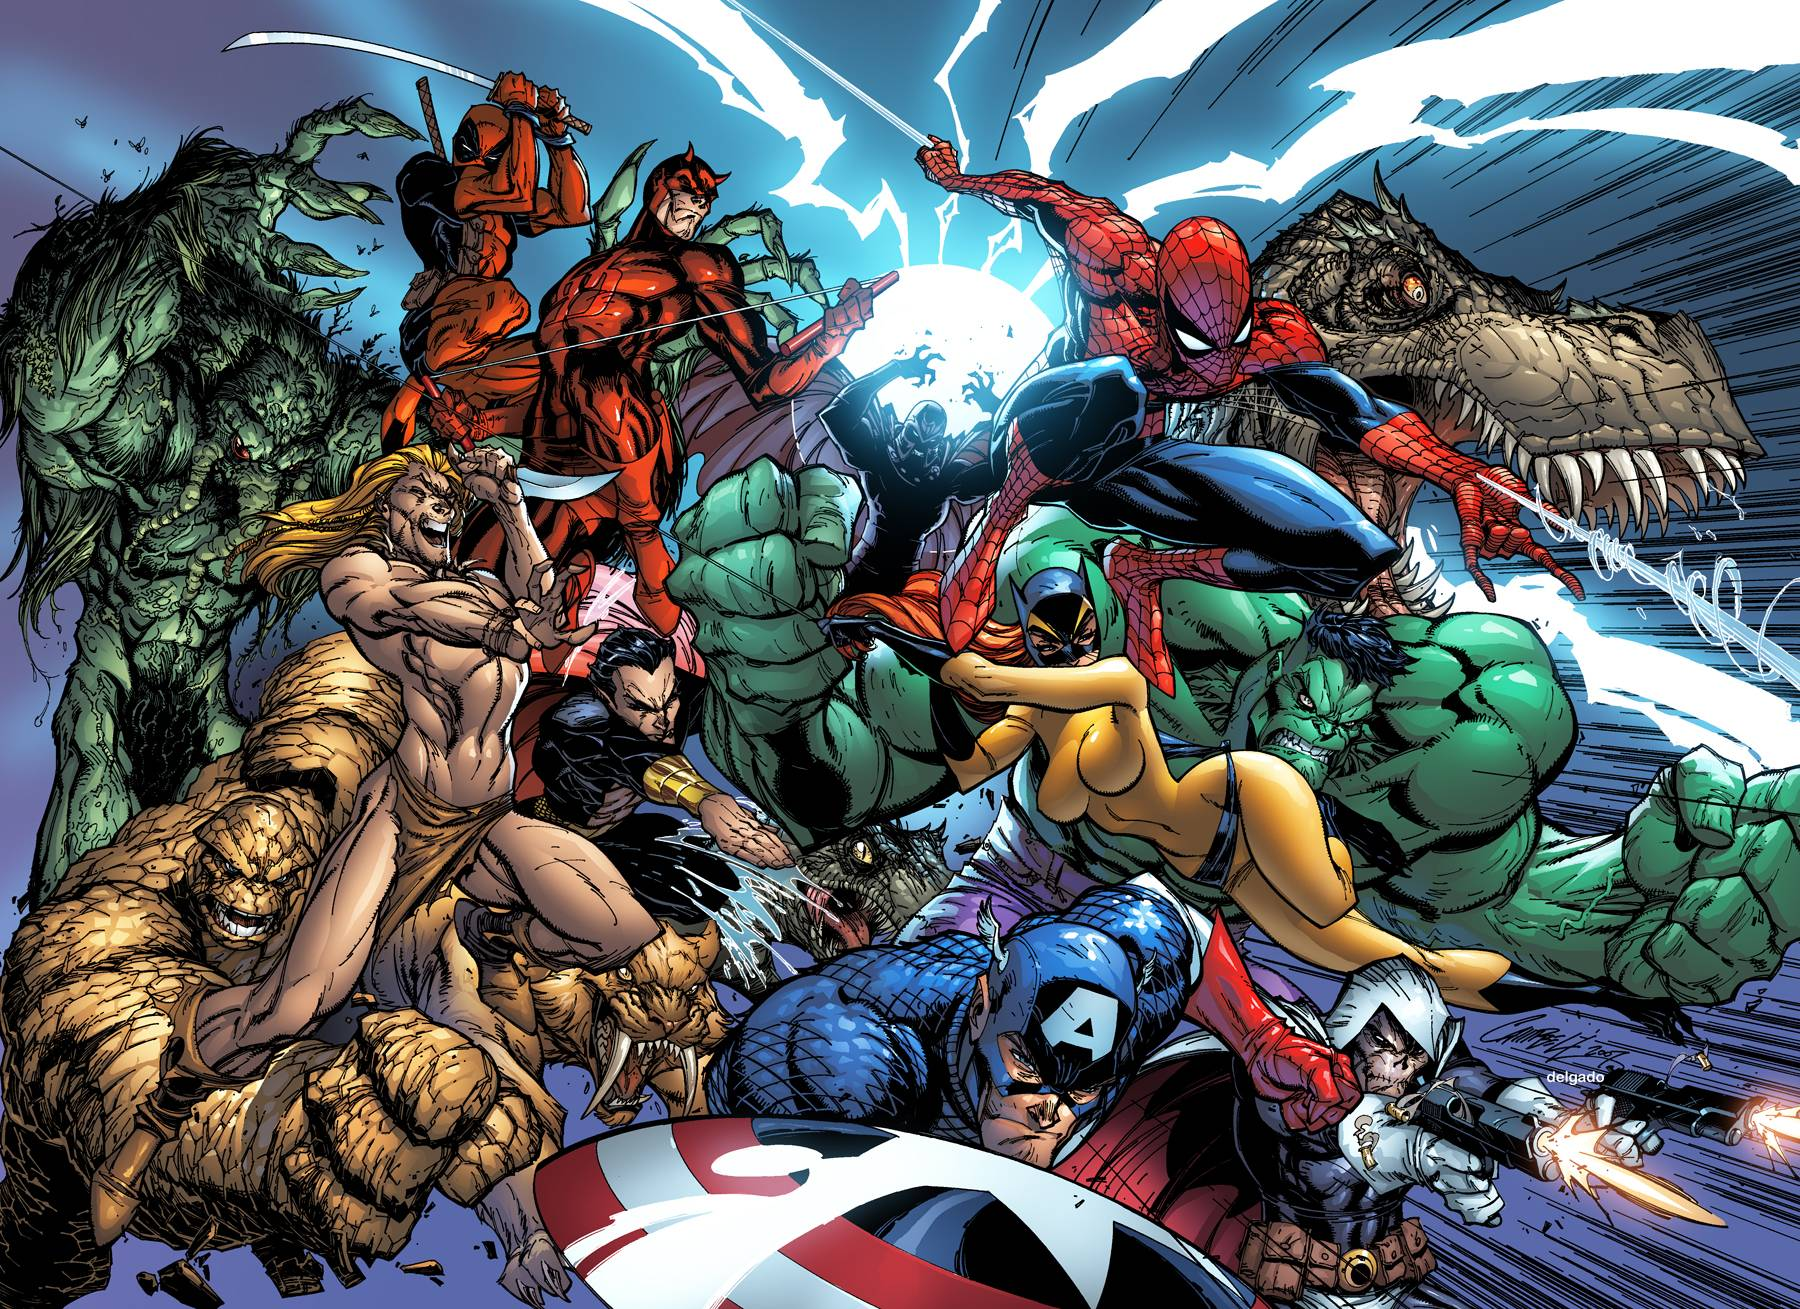 Marvel Vs Dc Wallpaper